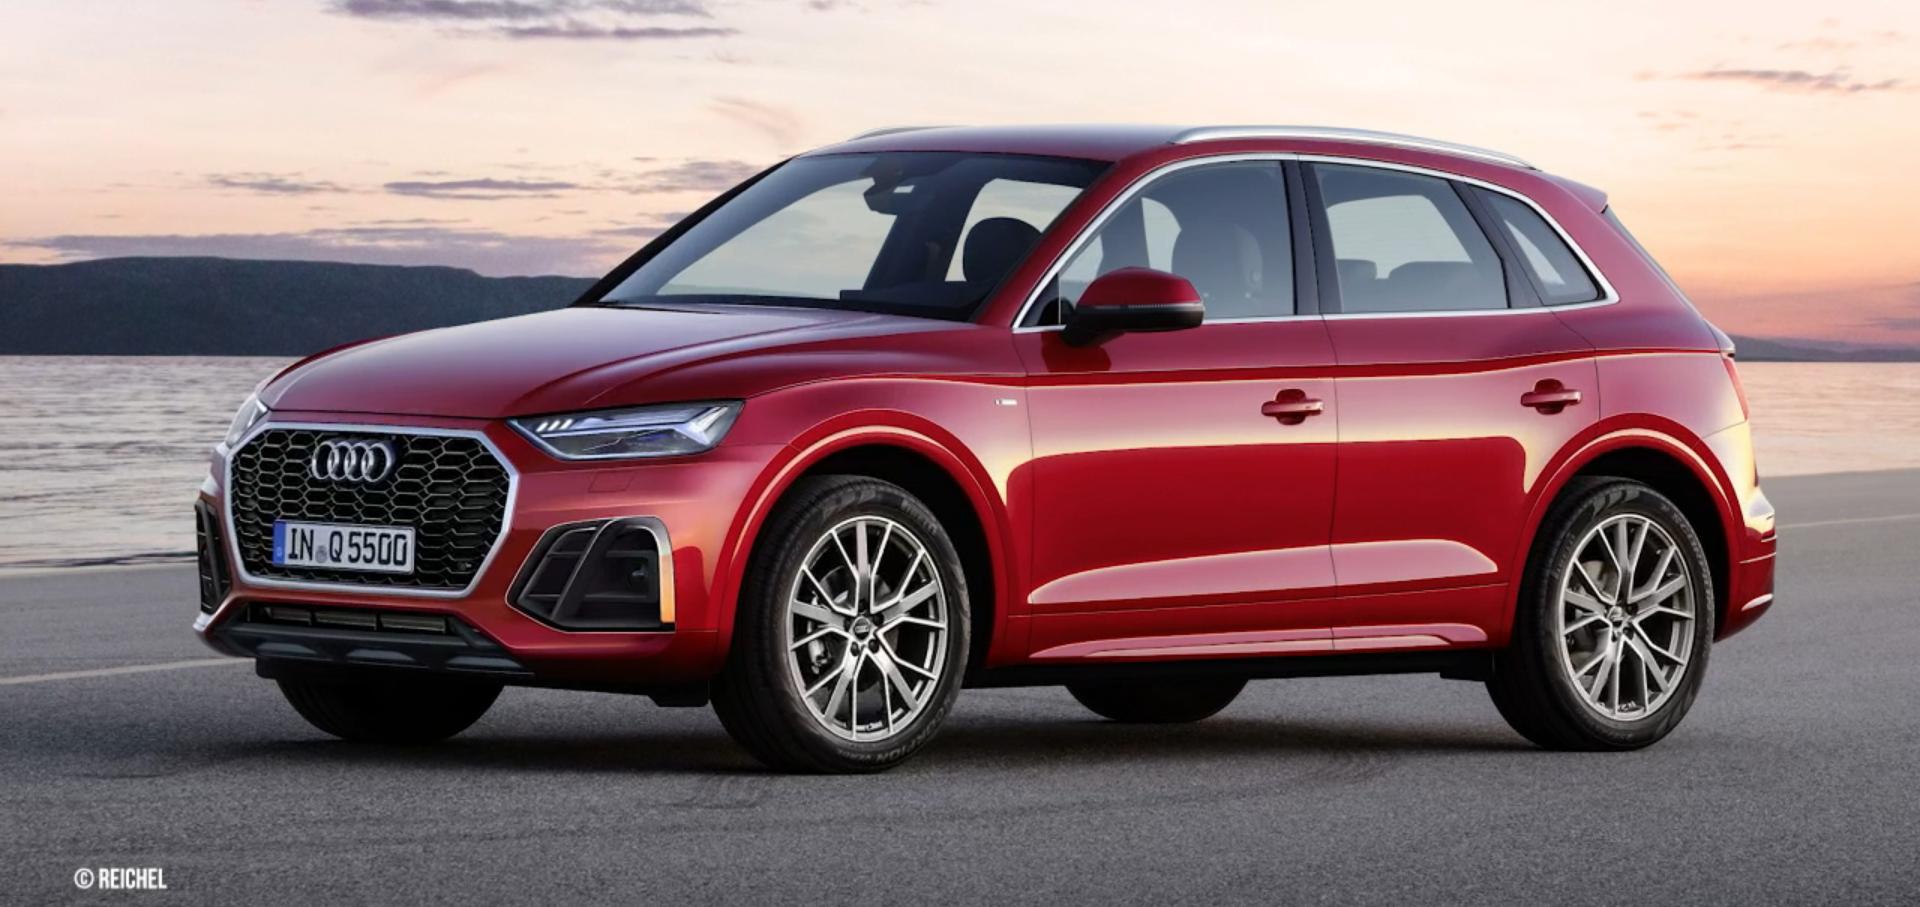 Audi Q5 II Restyling (2020) 5